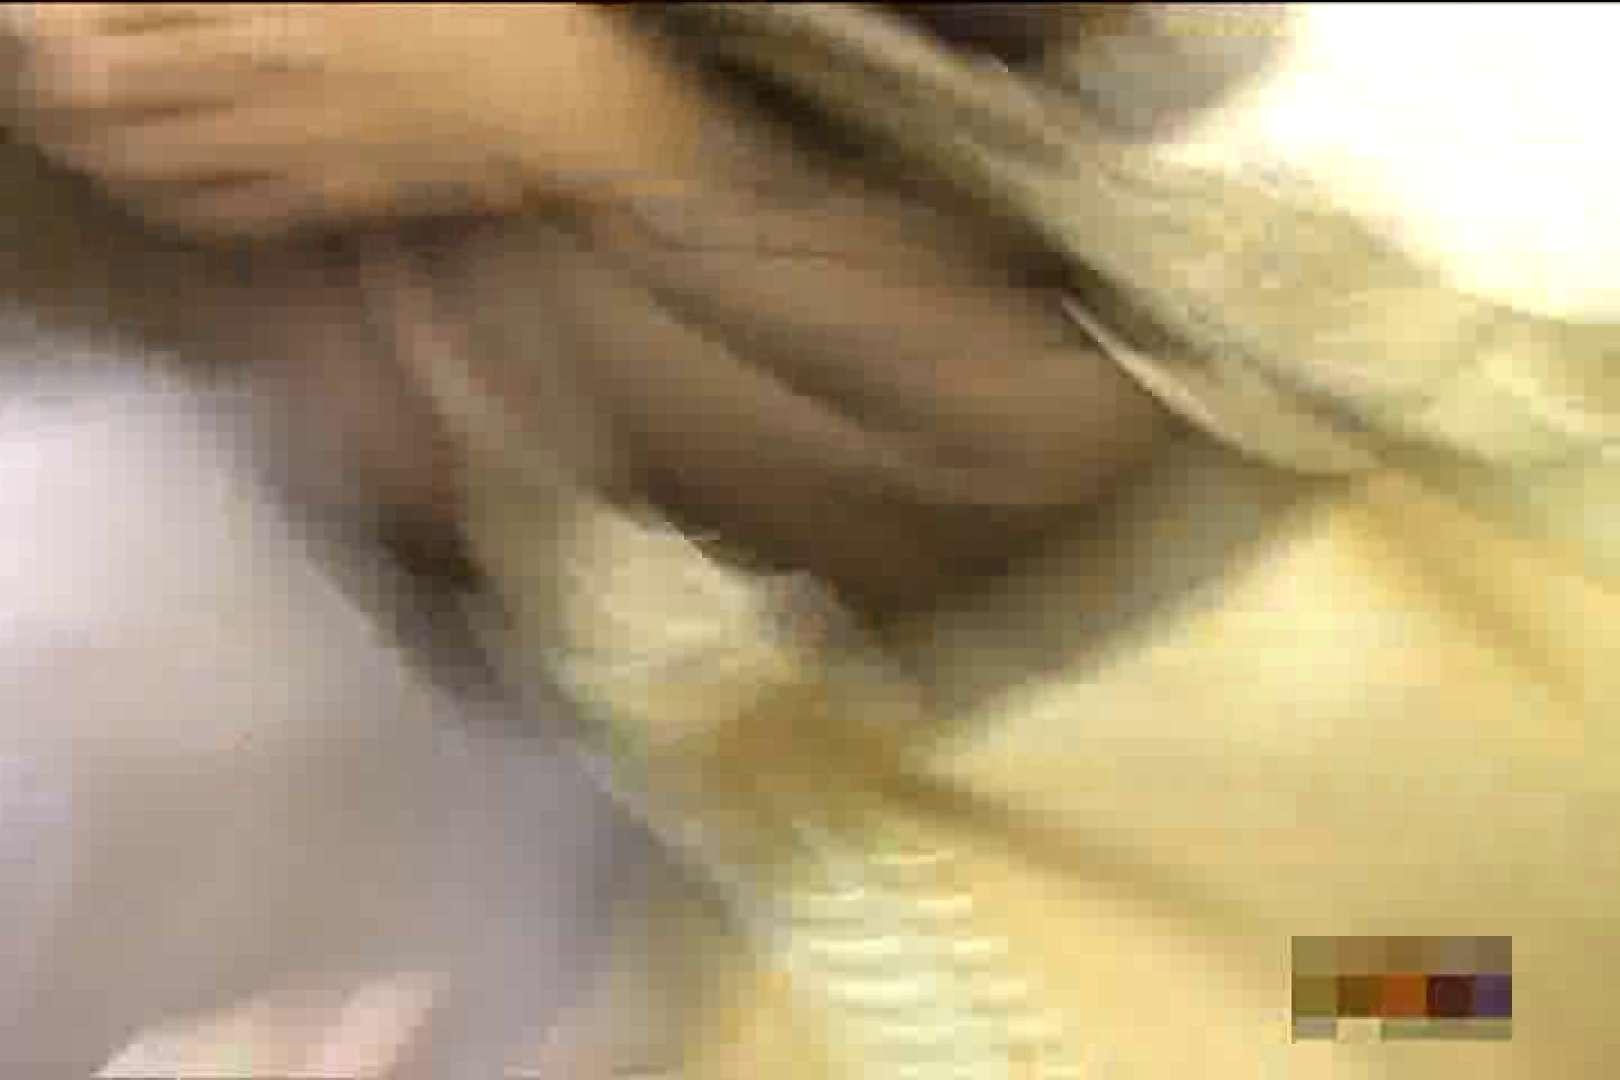 大胆露出胸チラギャル大量発生中!!Vol.4 チラ おまんこ動画流出 55PIX 19